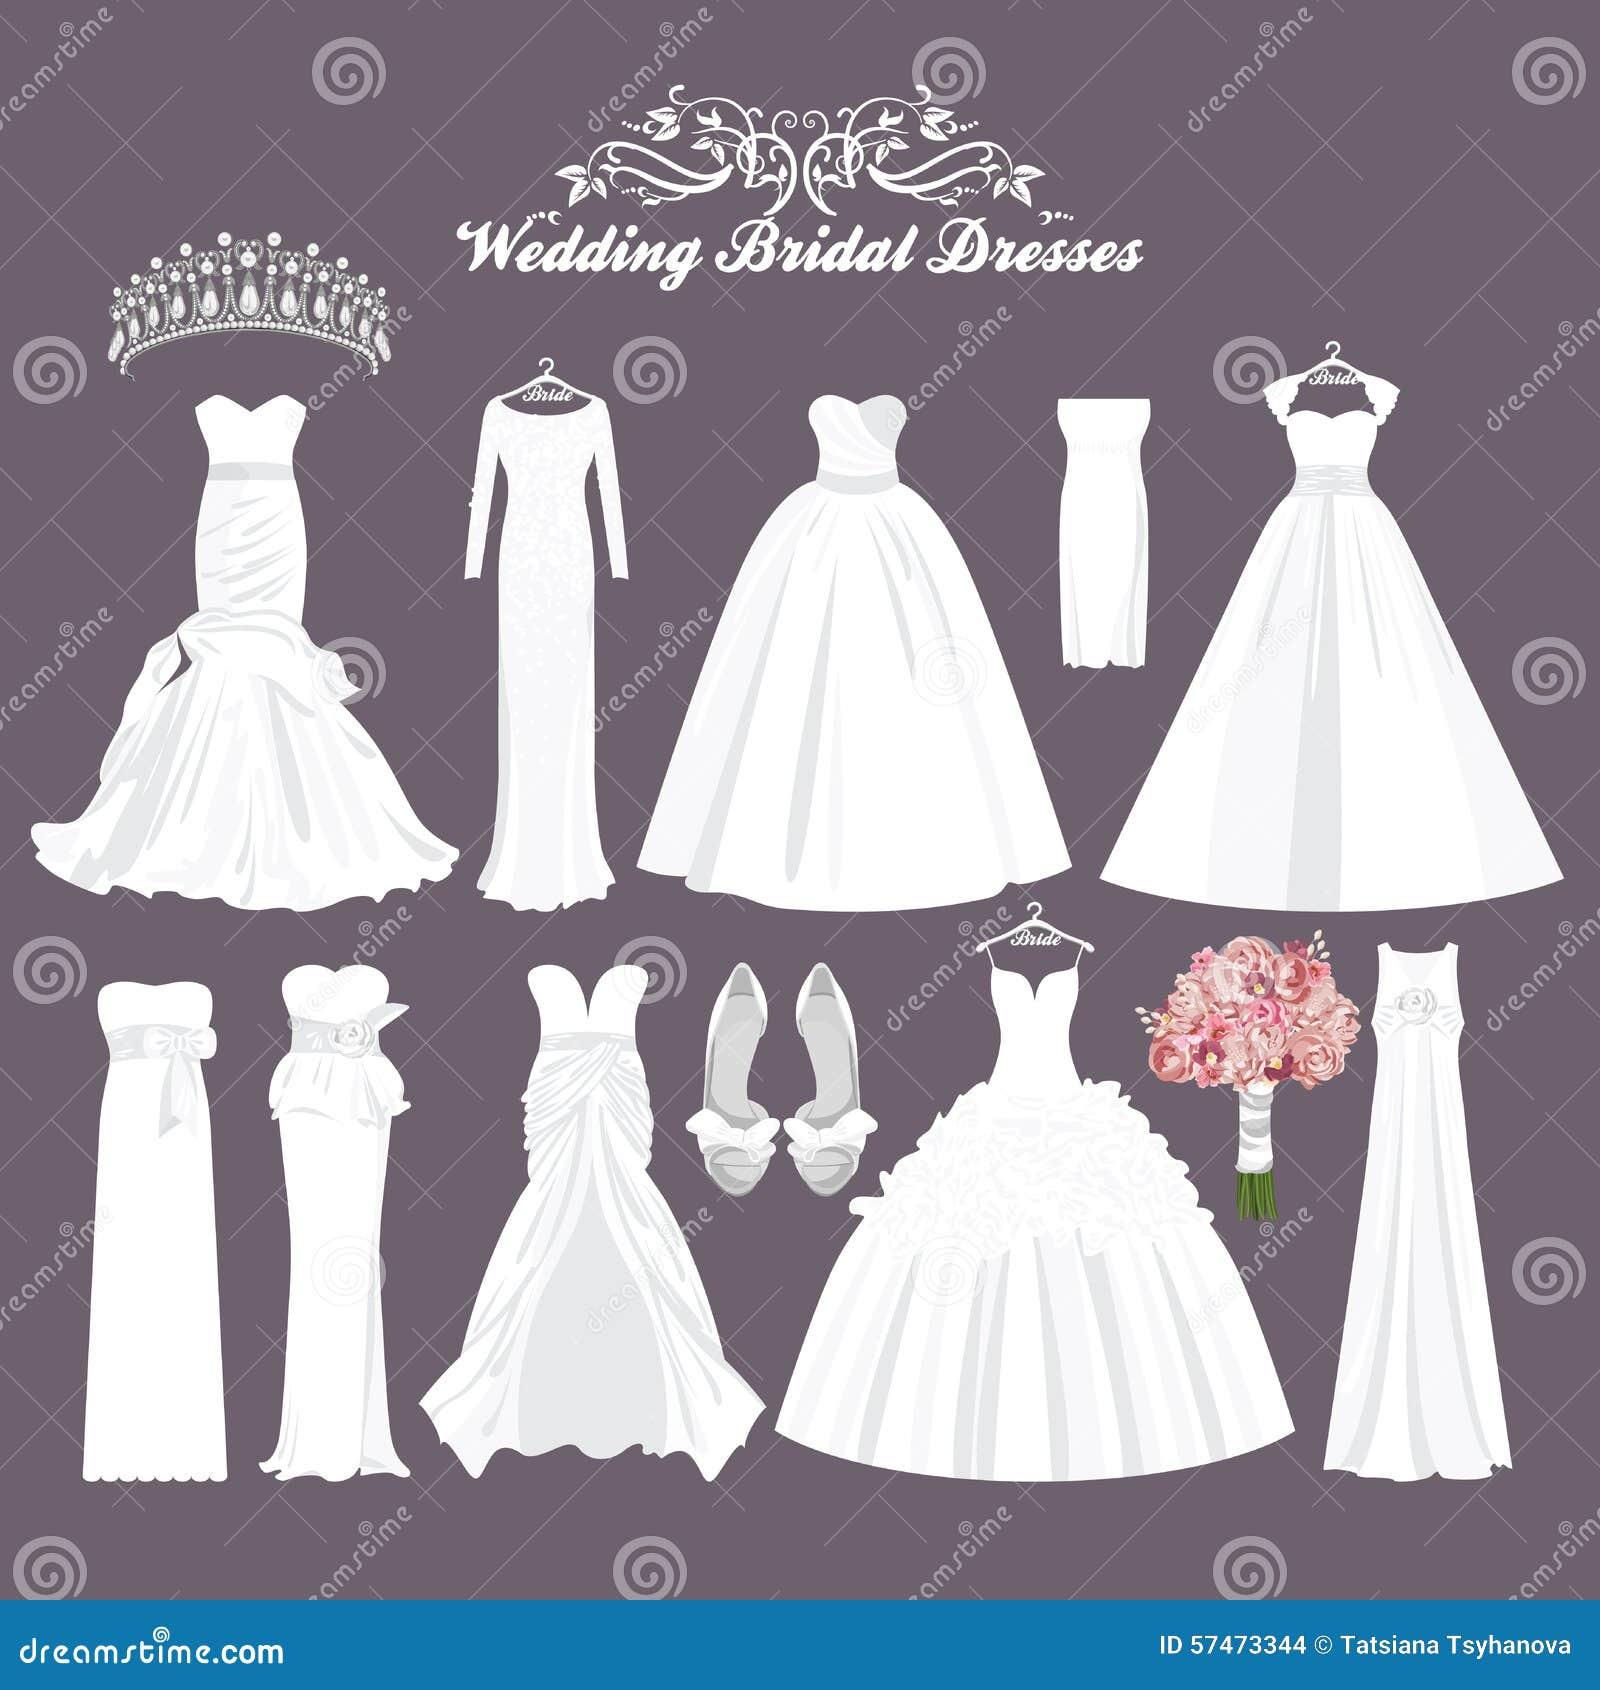 Den Kleid Verschiedenen Modebraut Vektorbrautkleider In Weißes Arten nN8wm0